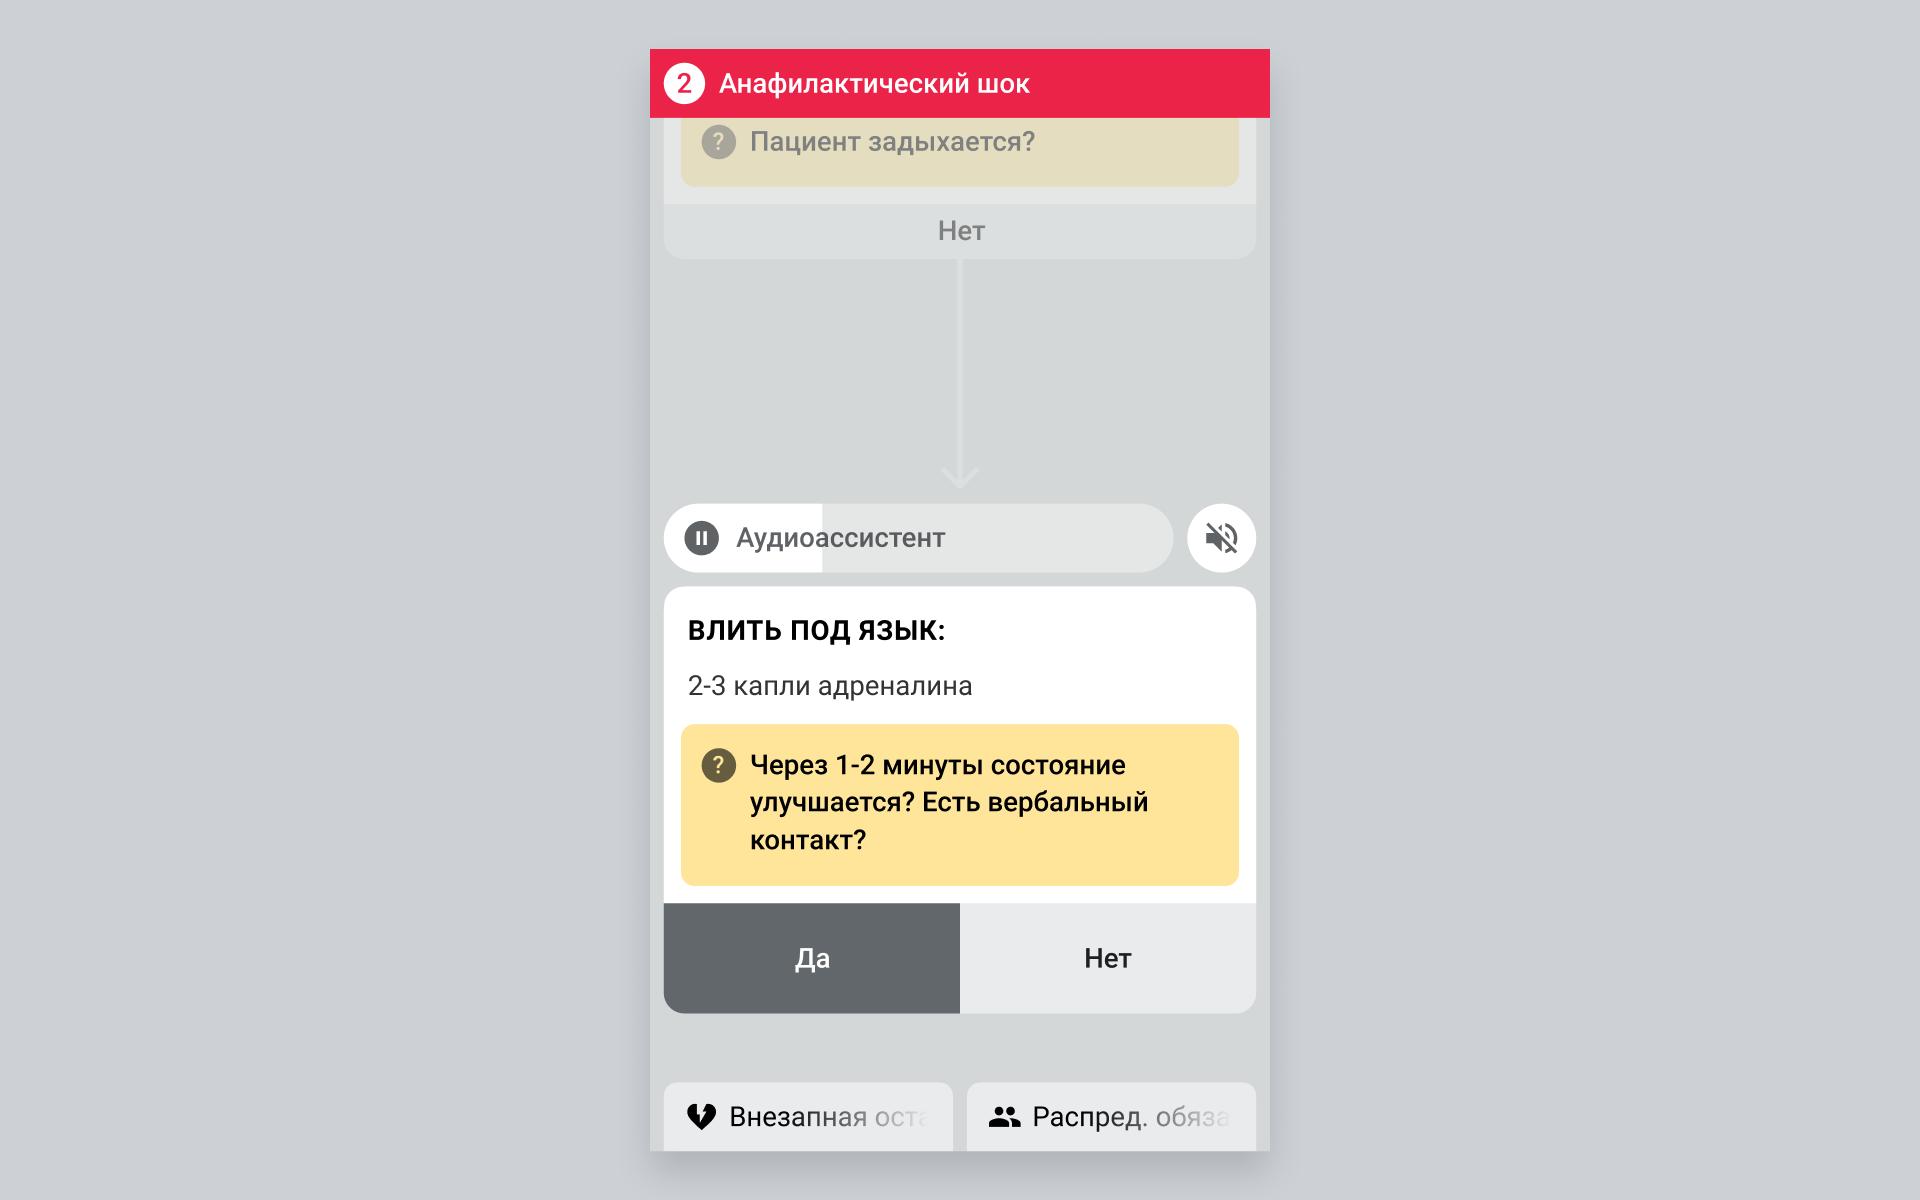 Алгоритм ЭМП. Приложение сохраняет историю ответов  | SobakaPav.ru